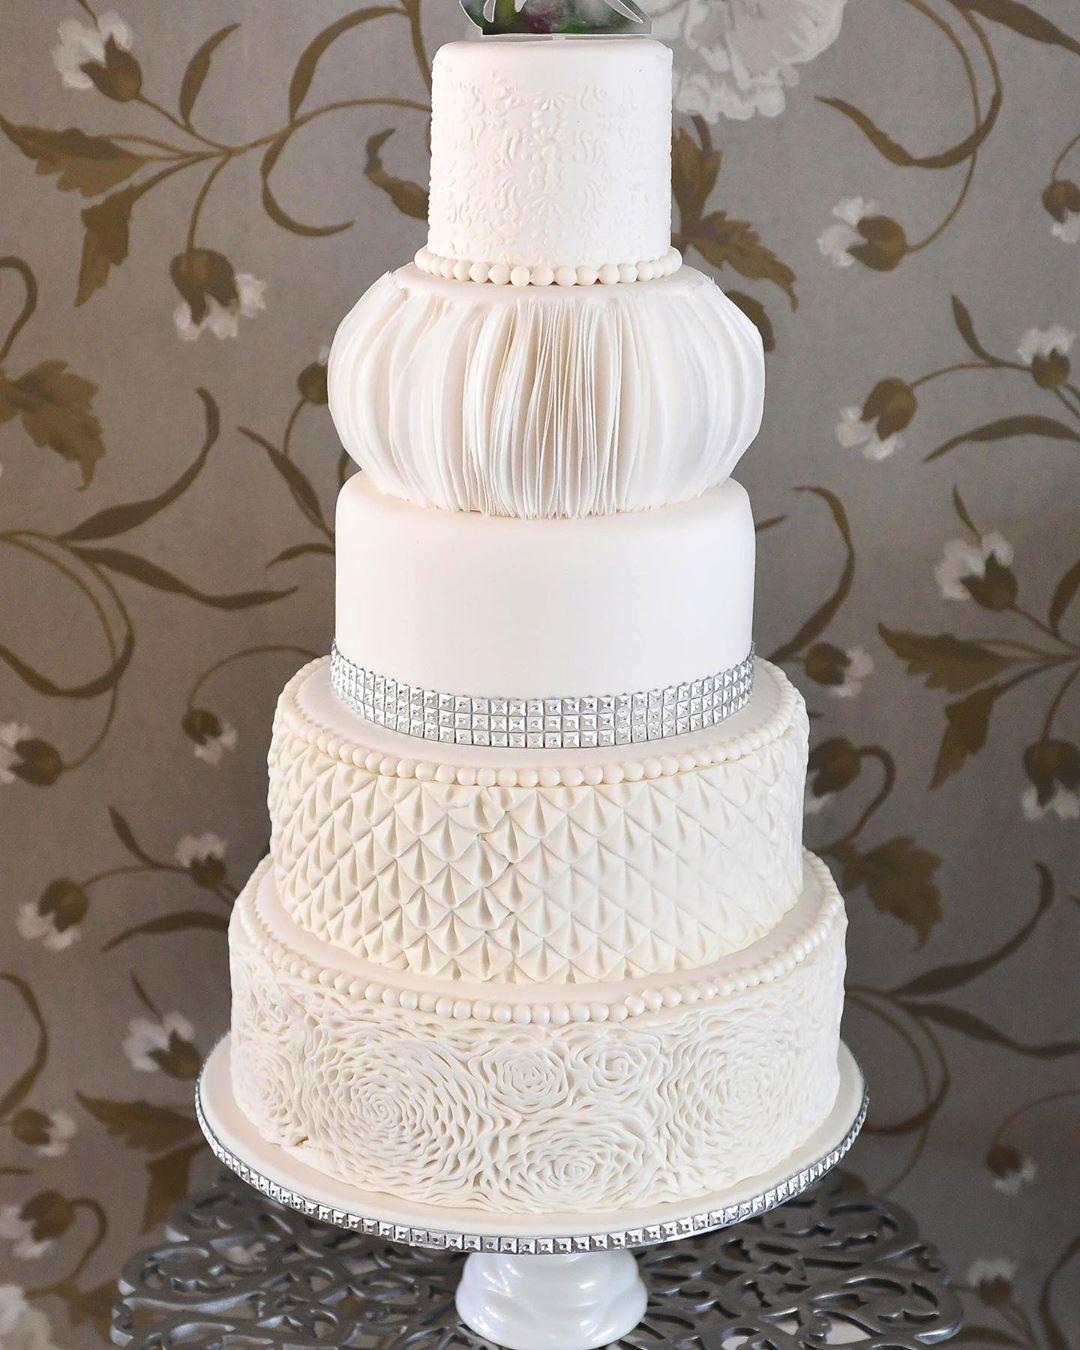 Wedding Cake By Lyndsay Mcewan Of Lulubelles Bakes She Used The